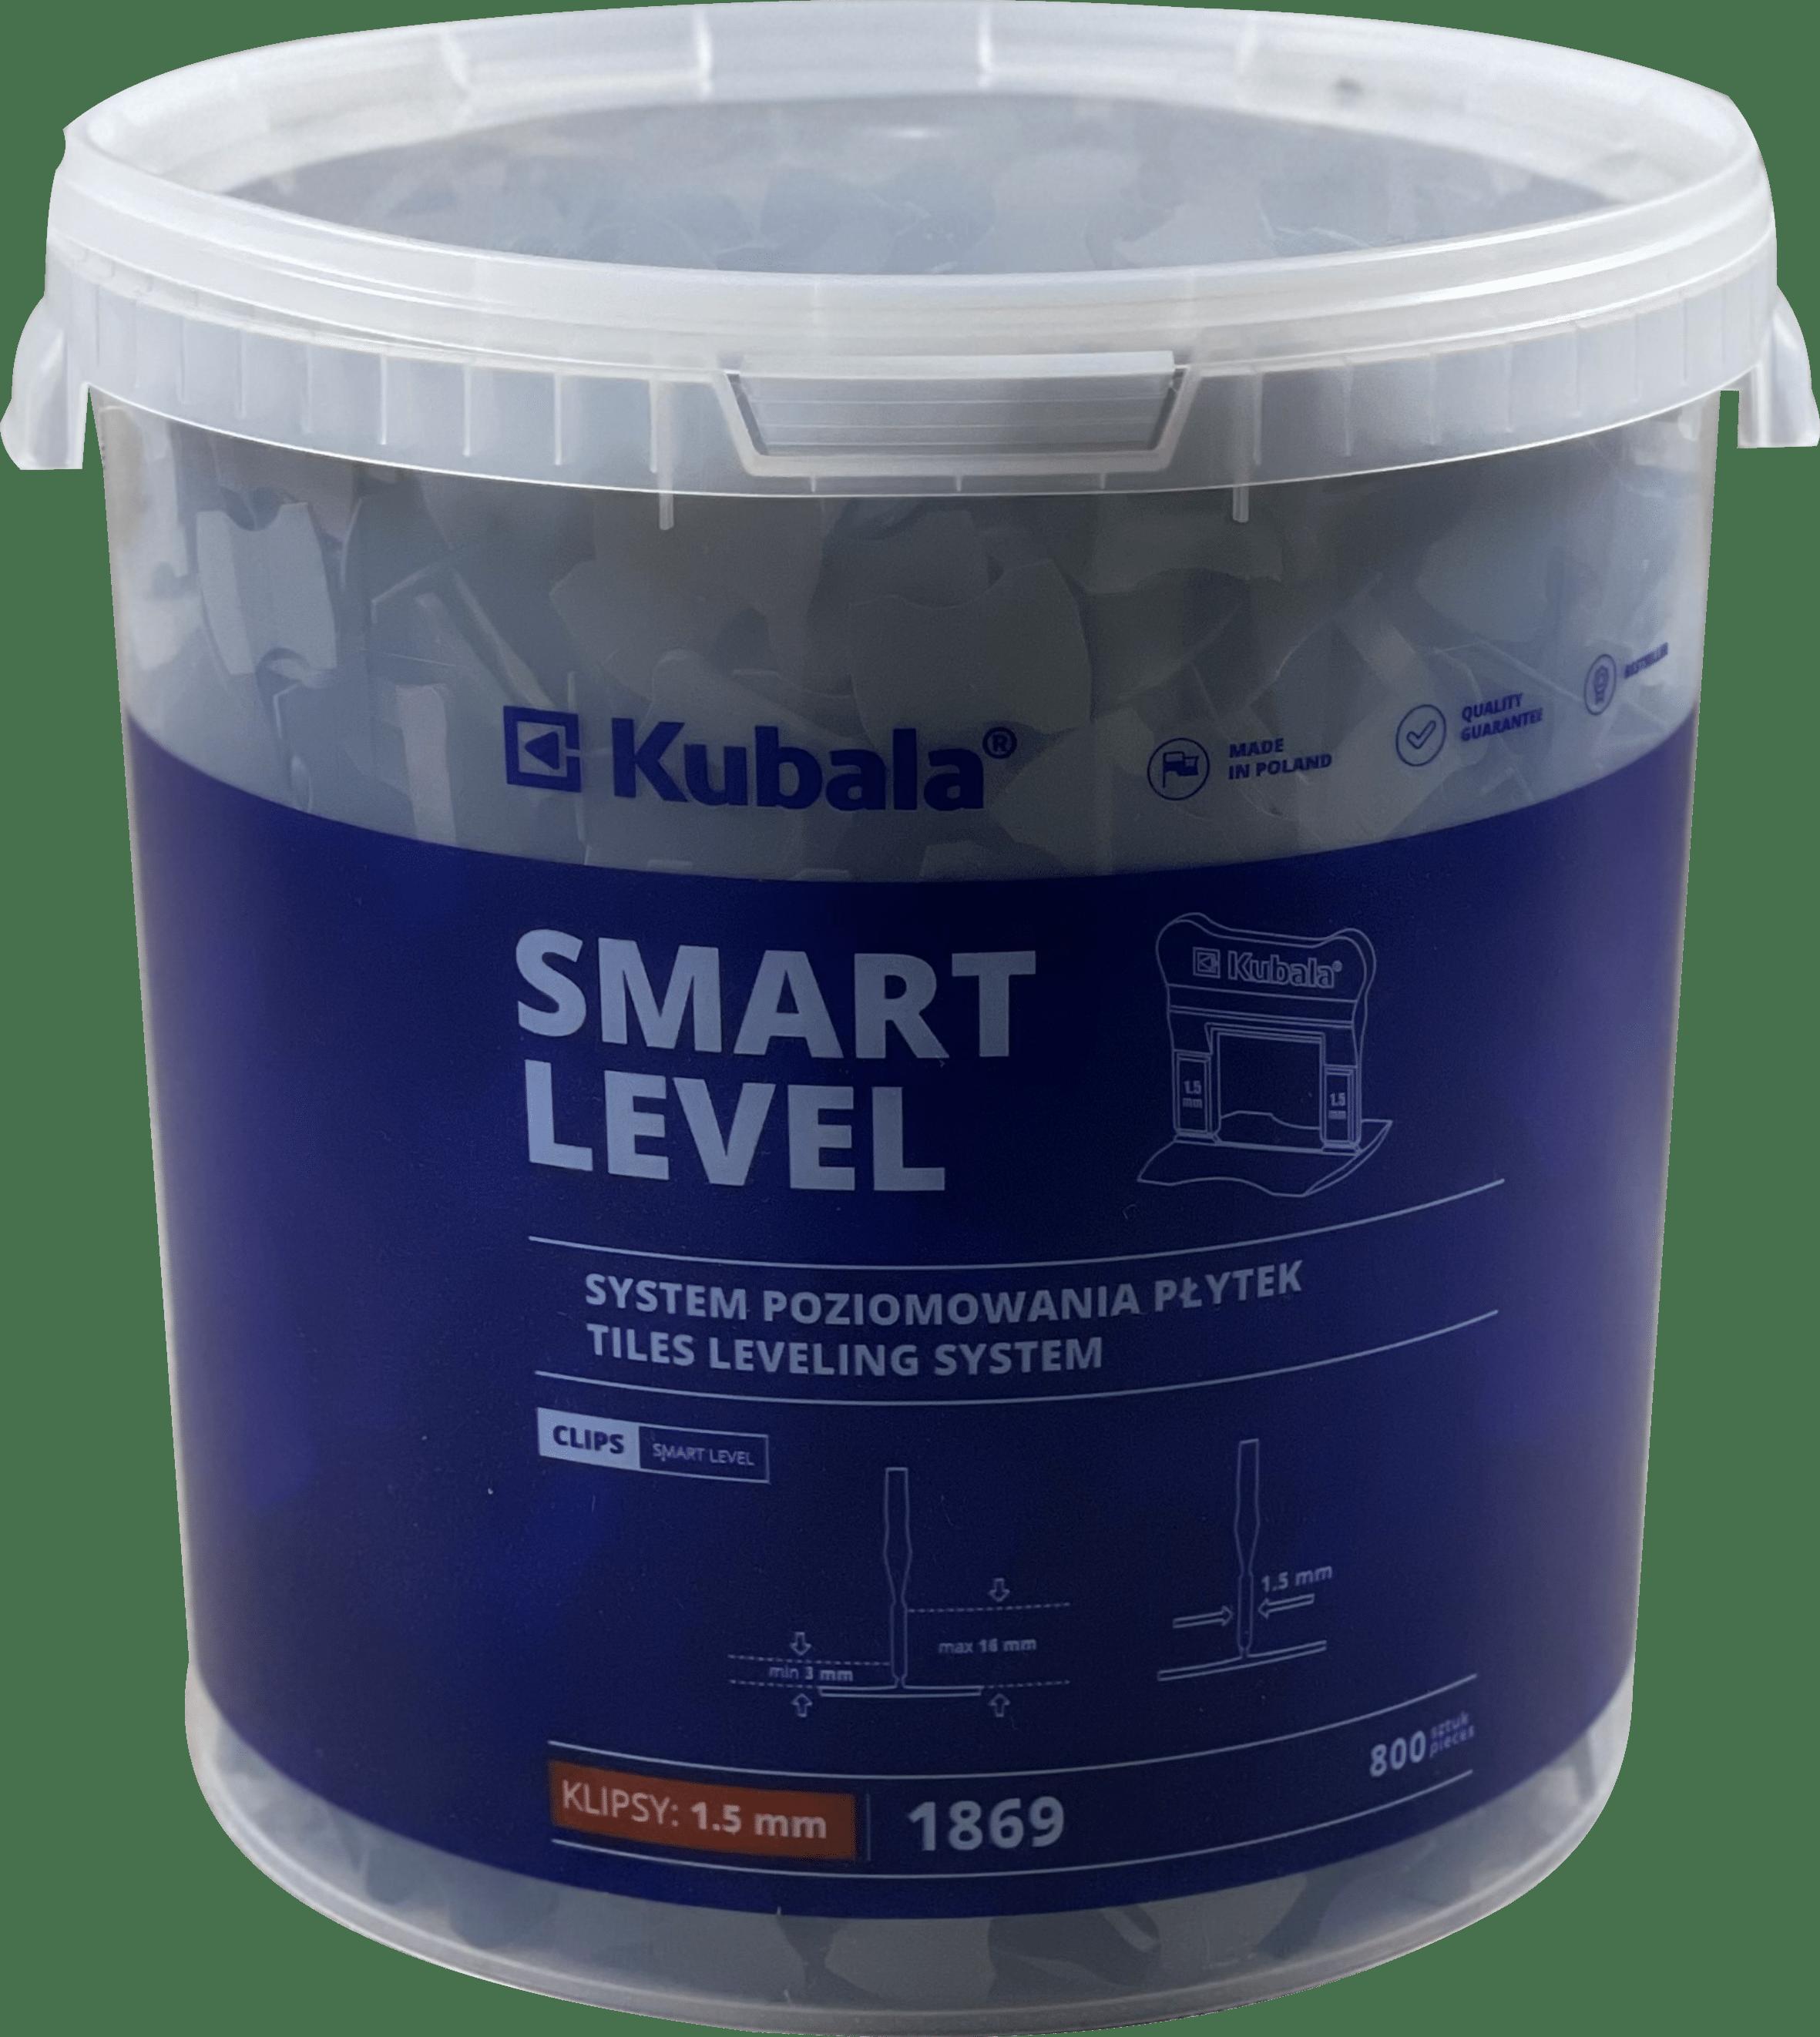 SMART LEVEL fugázó klipsz, 1,5mm, 800 db + 20 literes vödör, KUBALA